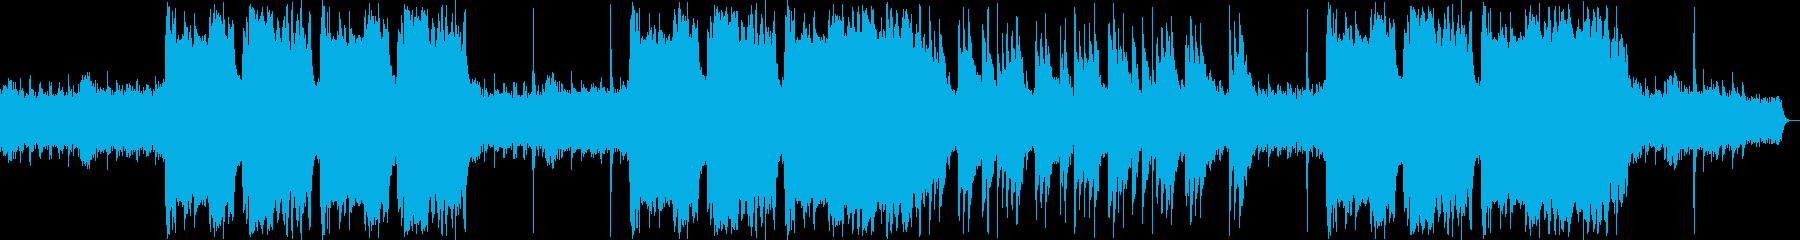 ファンタジーなシンセサイザー・鈴などの曲の再生済みの波形